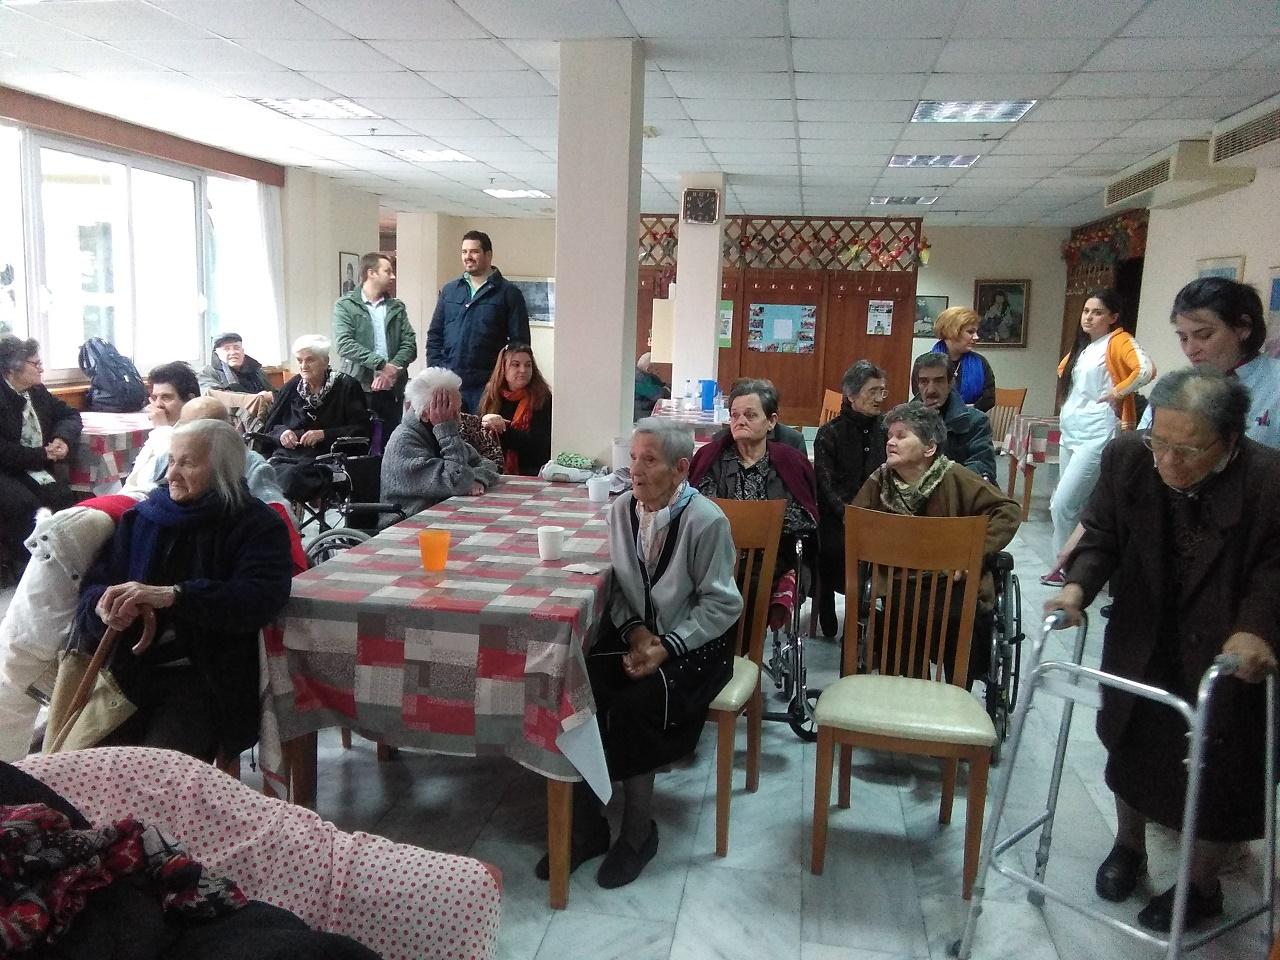 εκδήλωση γηροκομείο - Edessa News fa0b2191c16